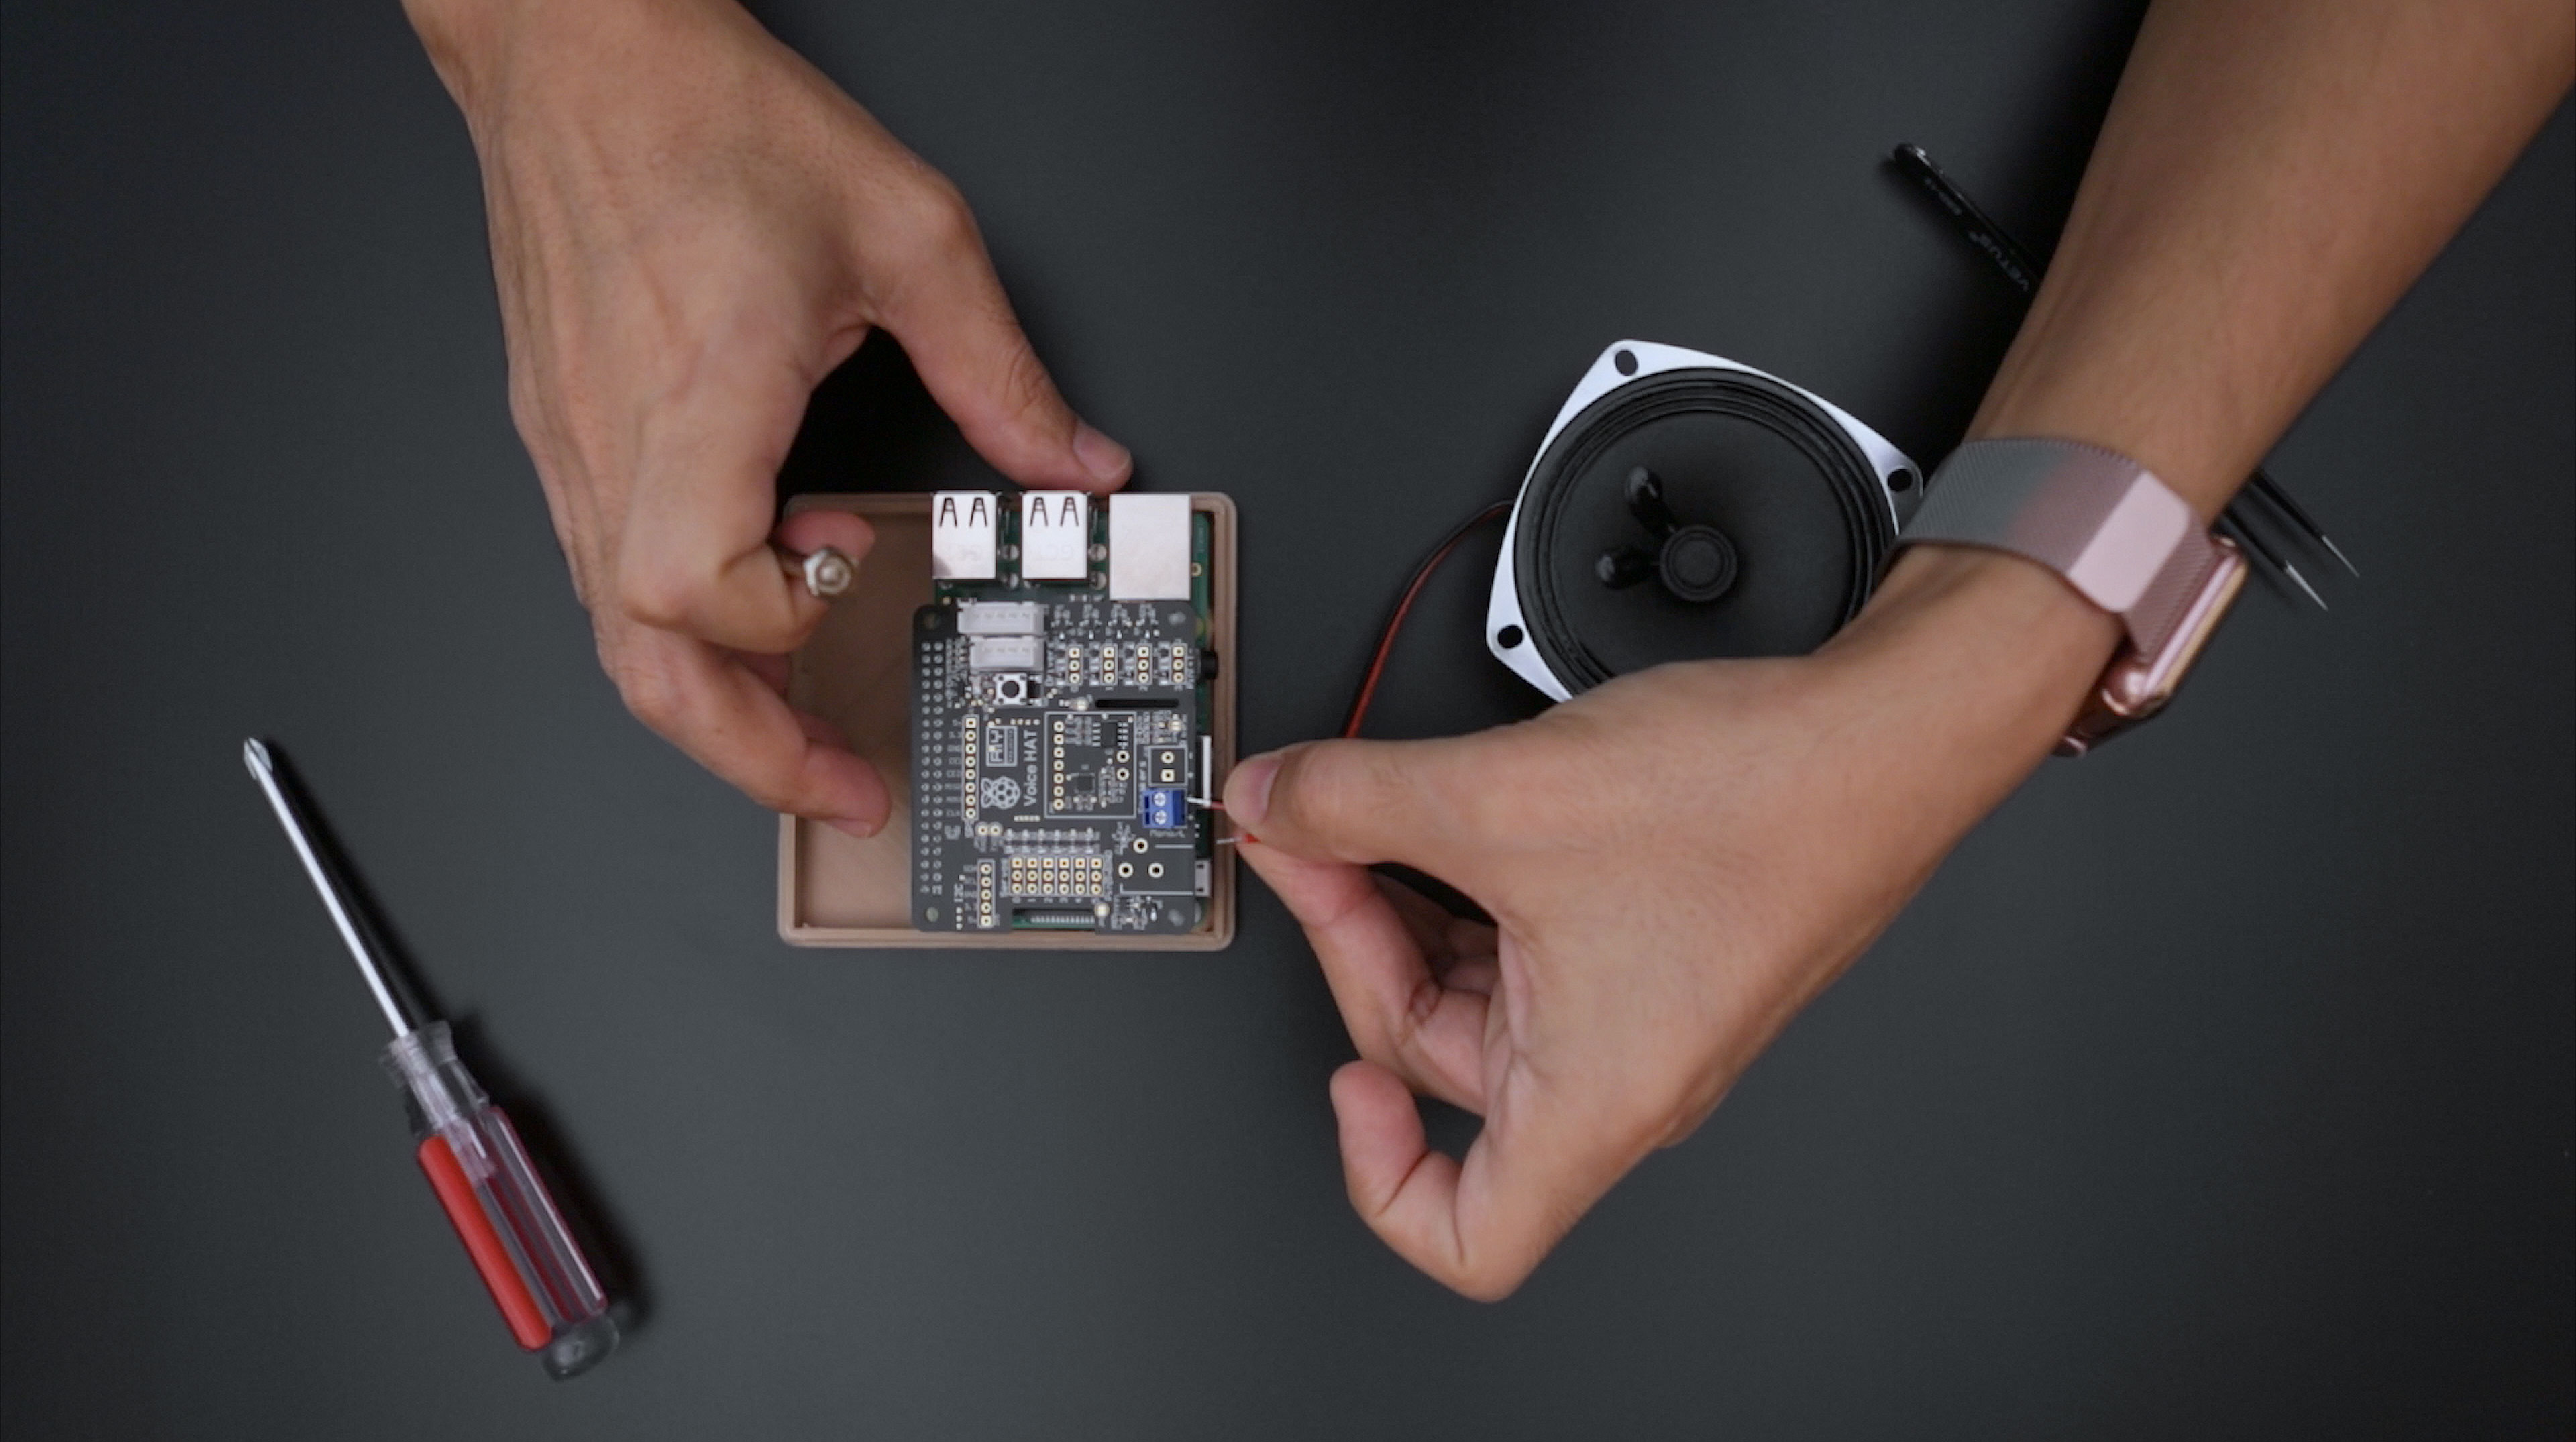 raspberry_pi_speaker-wires.jpg